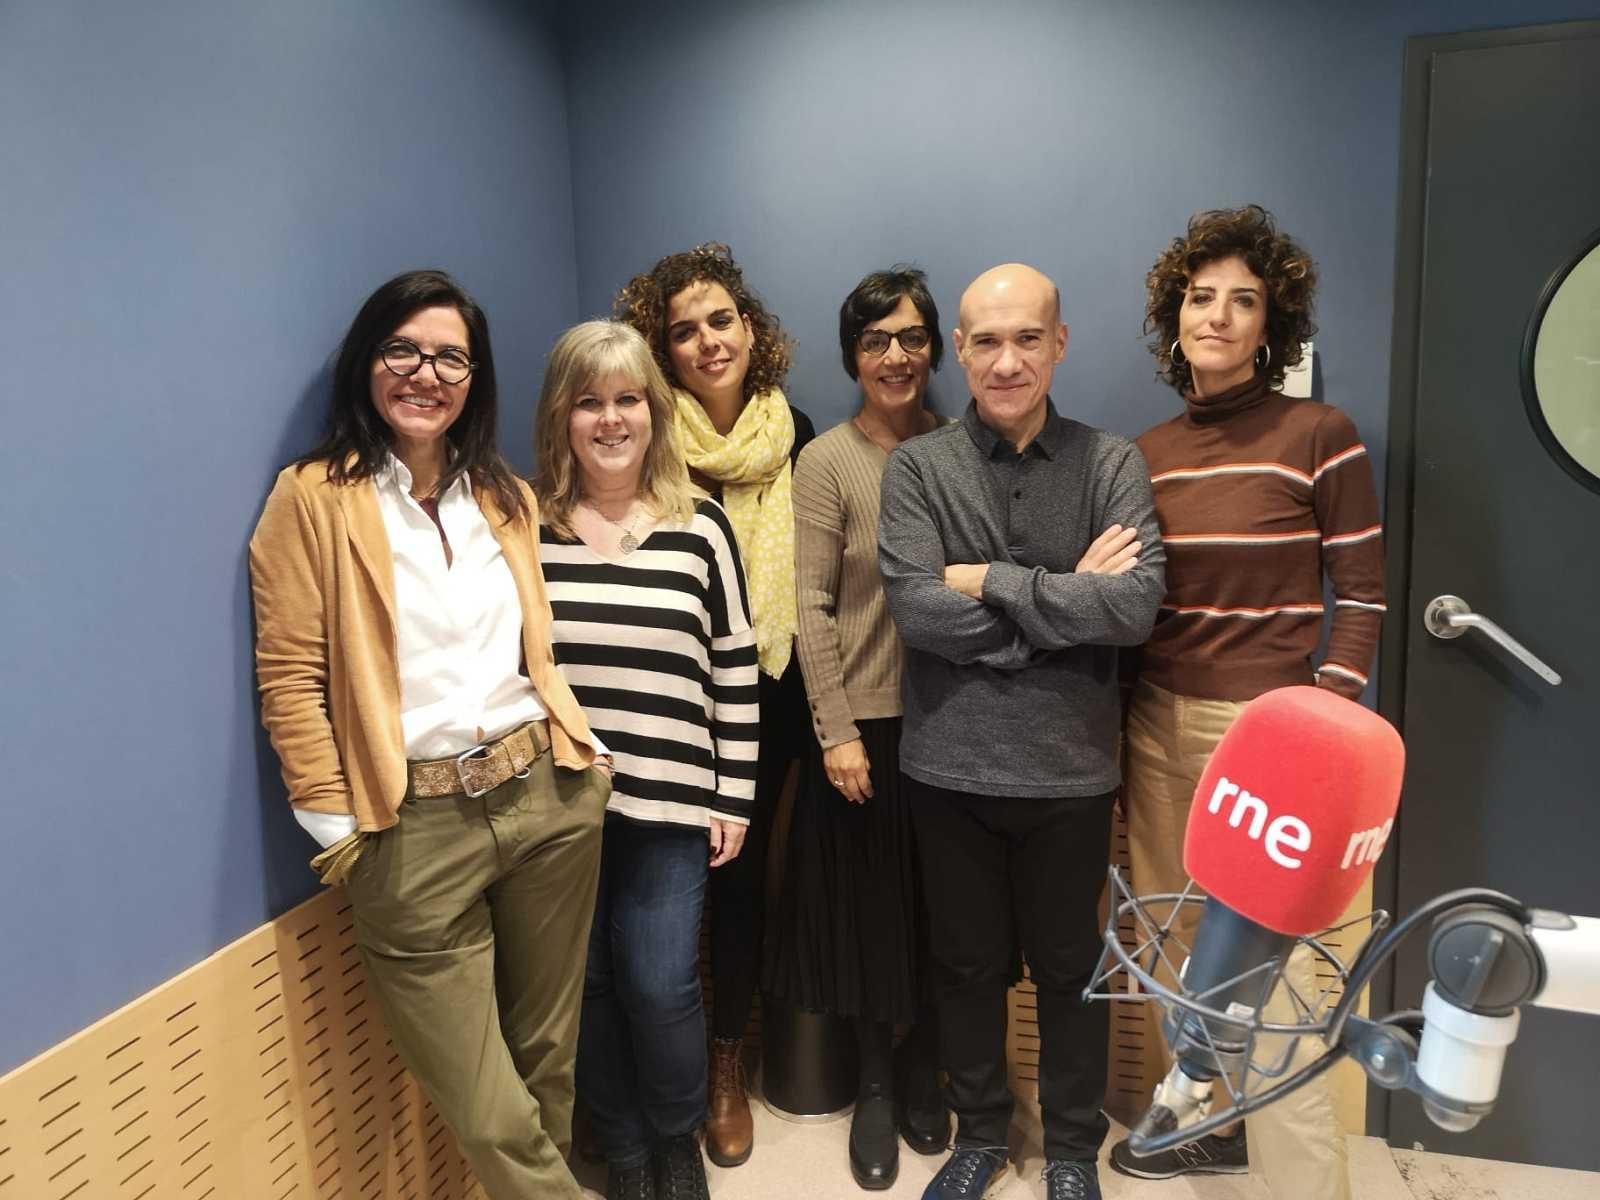 Feminismes a Ràdio 4 - Visc sola i no em sento sola